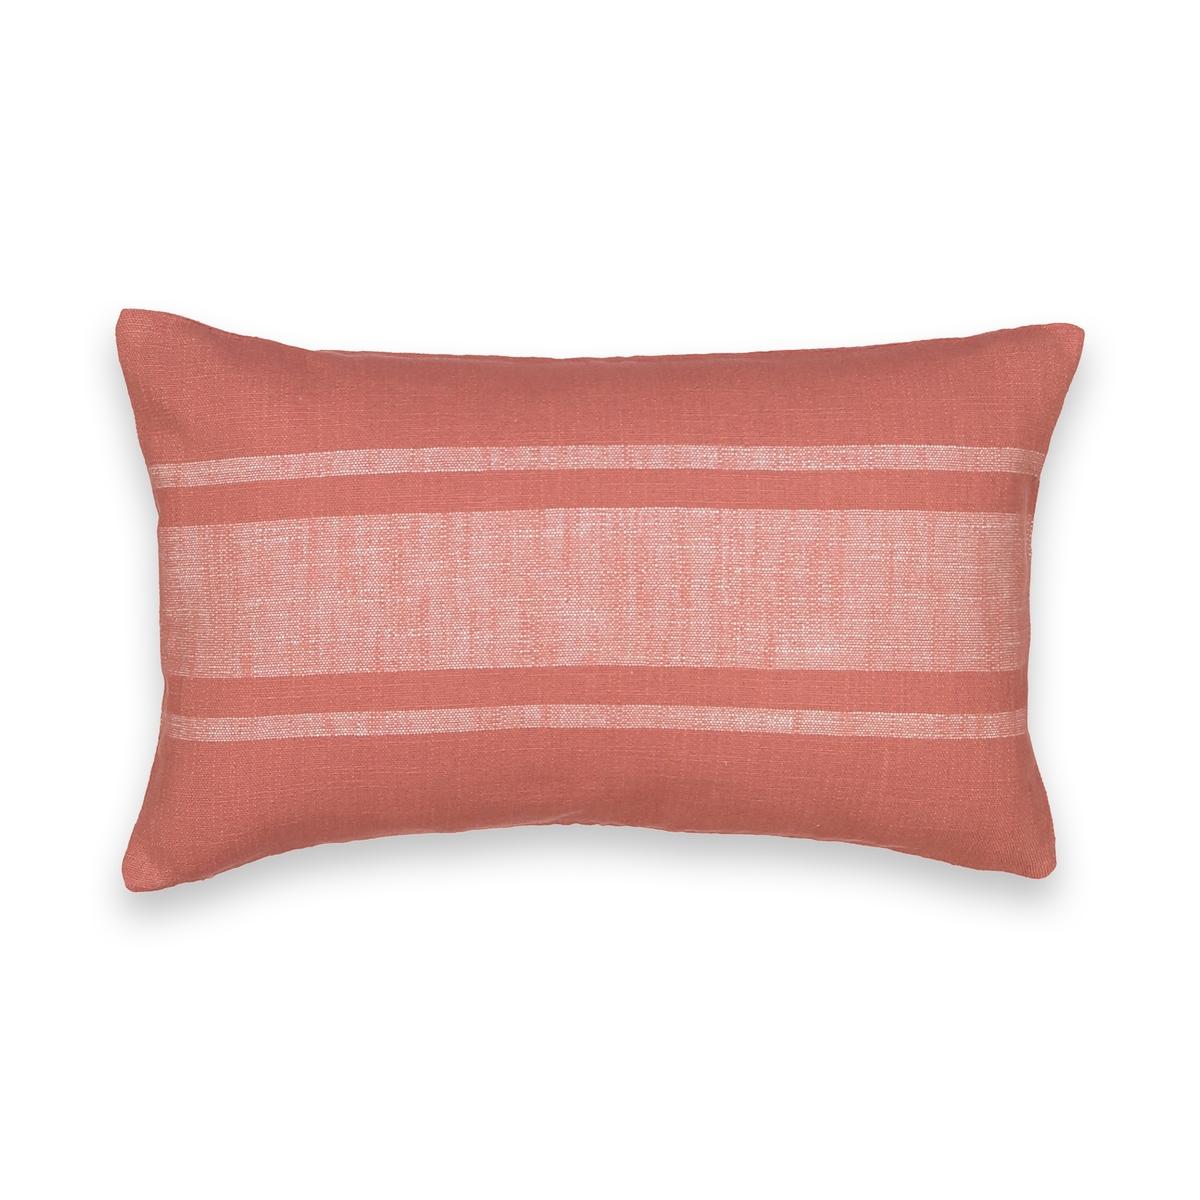 где купить Наволочка на подушку ZIRA по лучшей цене